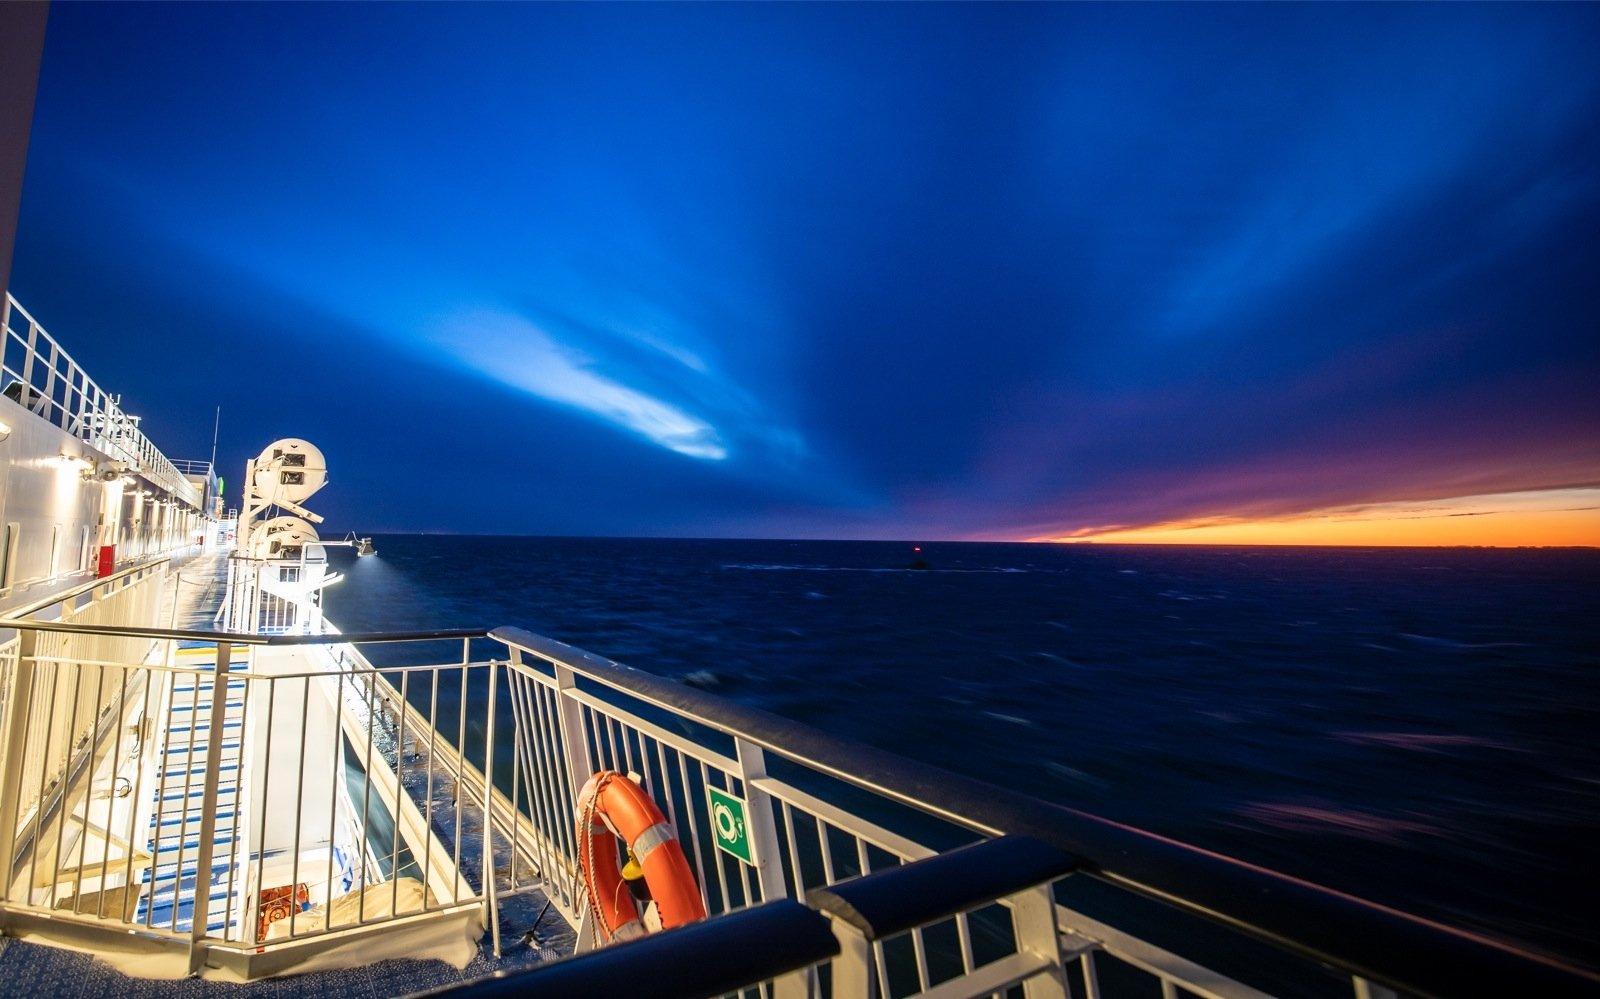 Soome Vabariigi Valitsus kinnitas täna riigipoolse garantii andmise, mahus 90 miljon eurot, 100 miljoni euro suuruse laenulimiidi ulatuses Tallink Grupp tütaret